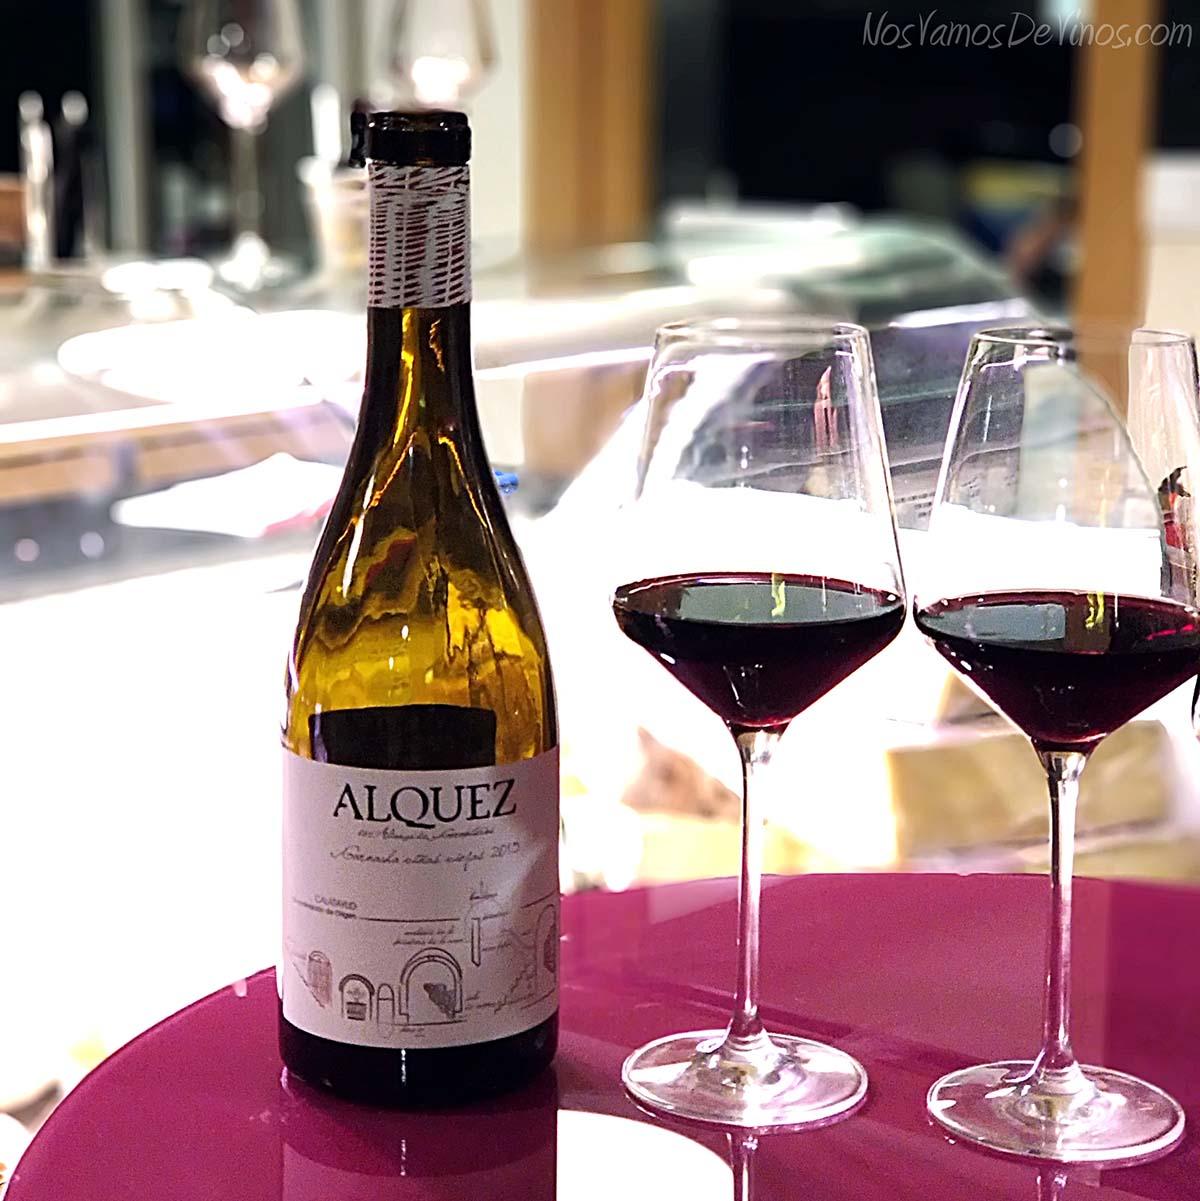 Alquez-2013